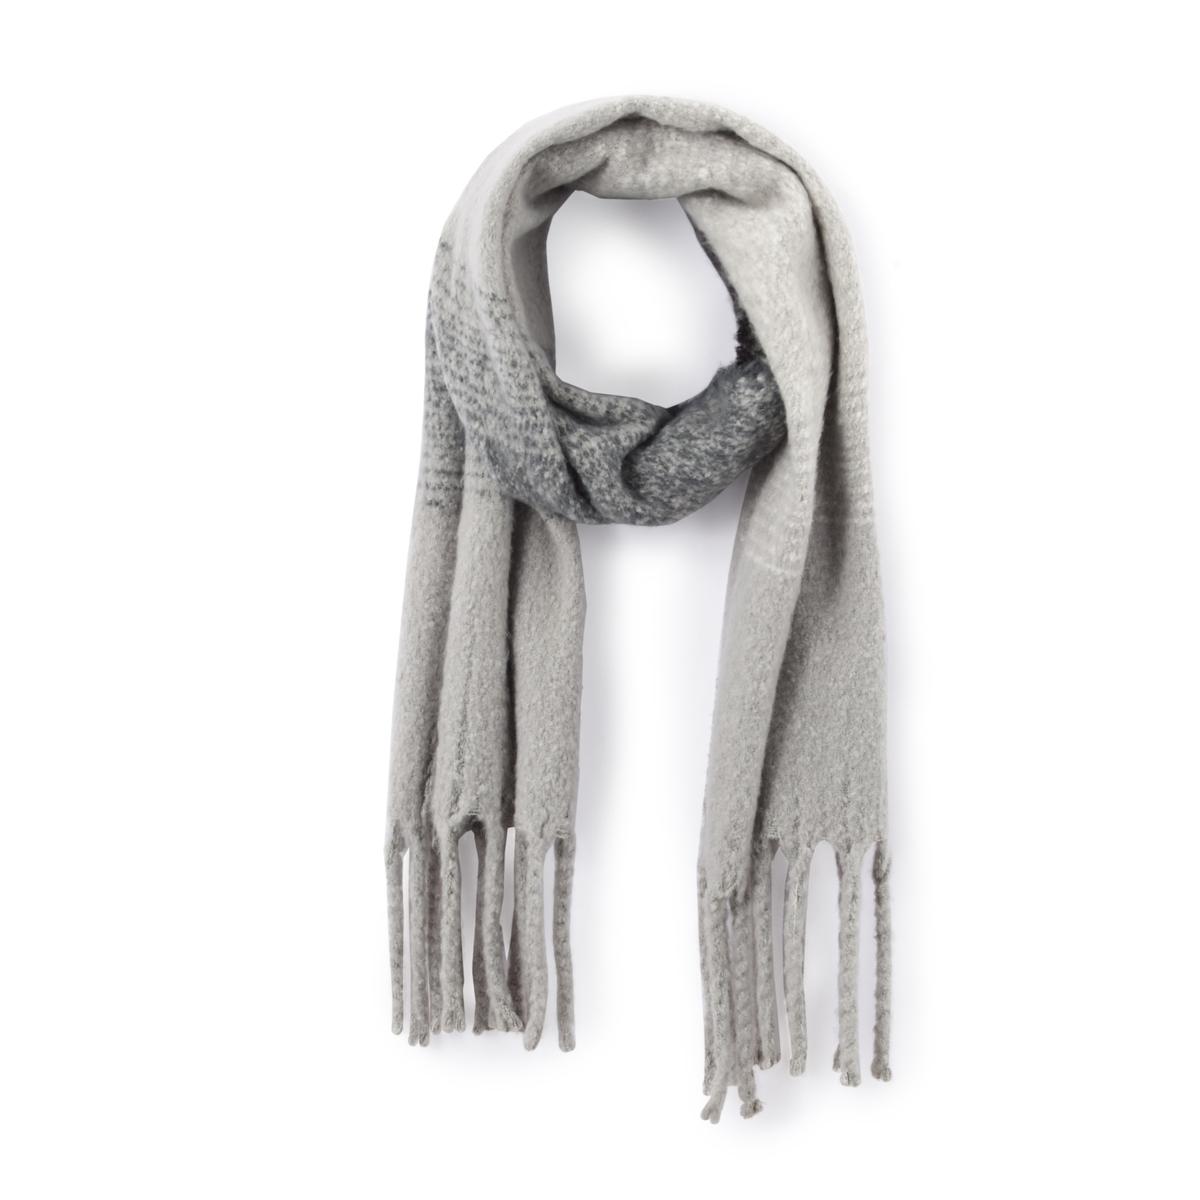 ШарфОписание:Мягкий, тёплый и ультрамодный : шарф снуд - неотъемлемая часть гардероба этой зимой. Состав и описаниеМатериал :  70% акрила 30% полиэстера Размер: 42x200см Уход :Следуйте указаниям по уходу на этикетке.<br><br>Цвет: серый<br>Размер: единый размер